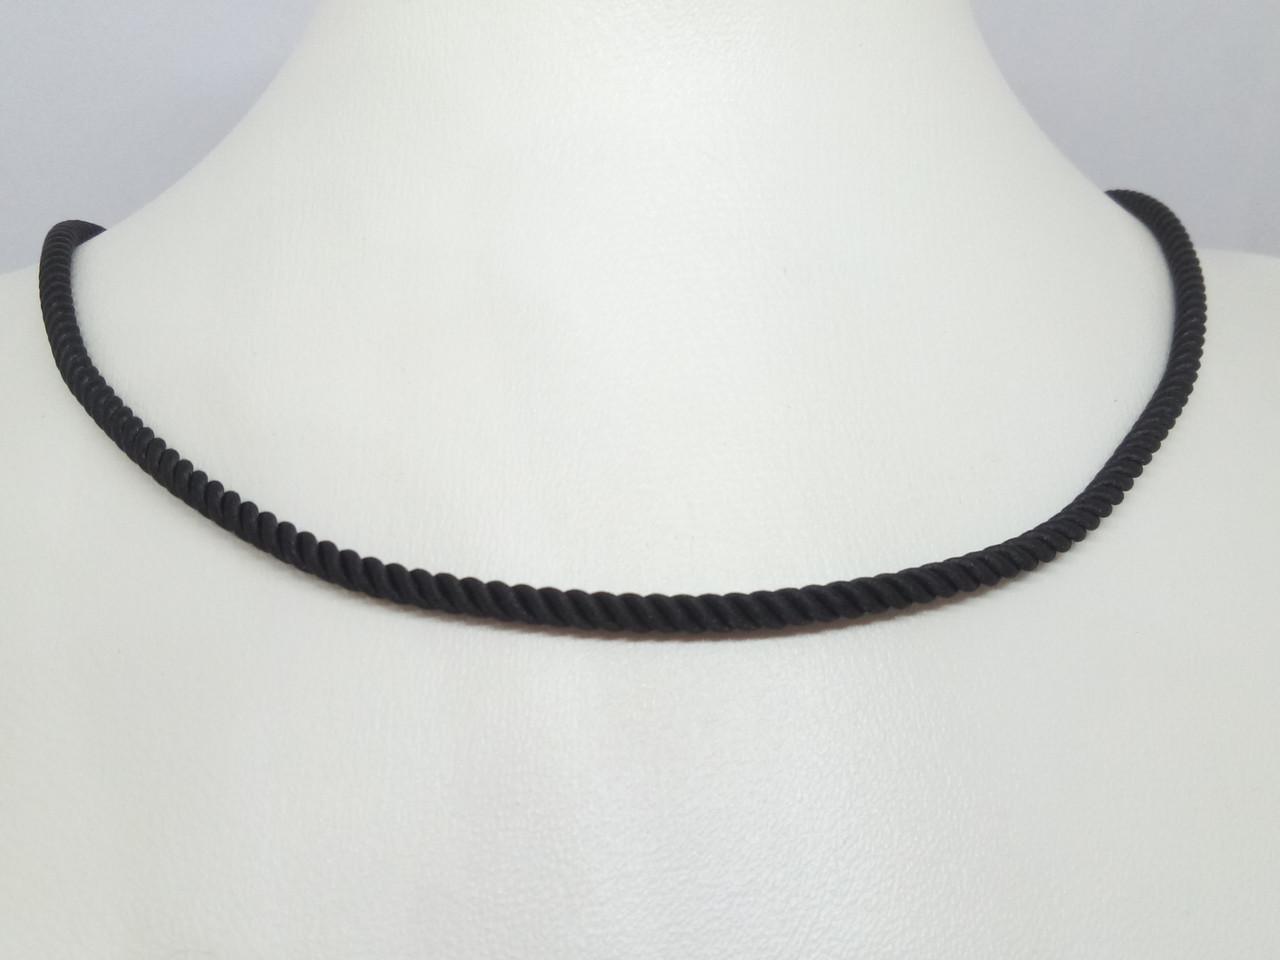 Ювелирный шелковый шнурок с золотыми вставками. Артикул ПК100И 55